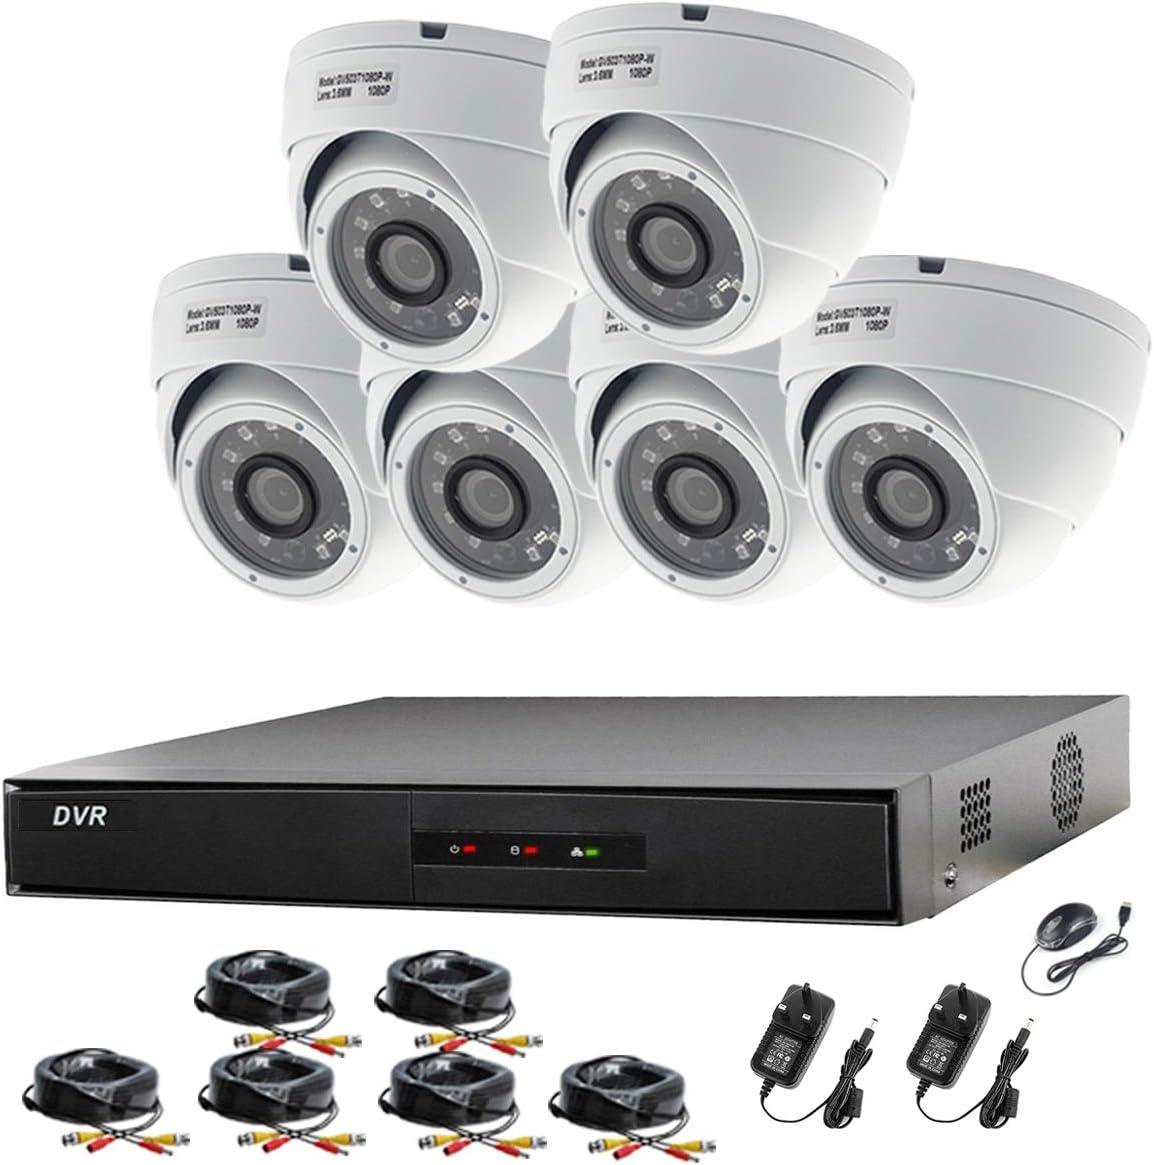 Hikvision CCTV Kit DVR 8canales 1080P & 6x Sony 2,4MP CMOS TVI 1080P Full HD gris dome CCTV cámaras IR 20m visión nocturna a distancia vista fácil P2P sistema de cámara de seguridad